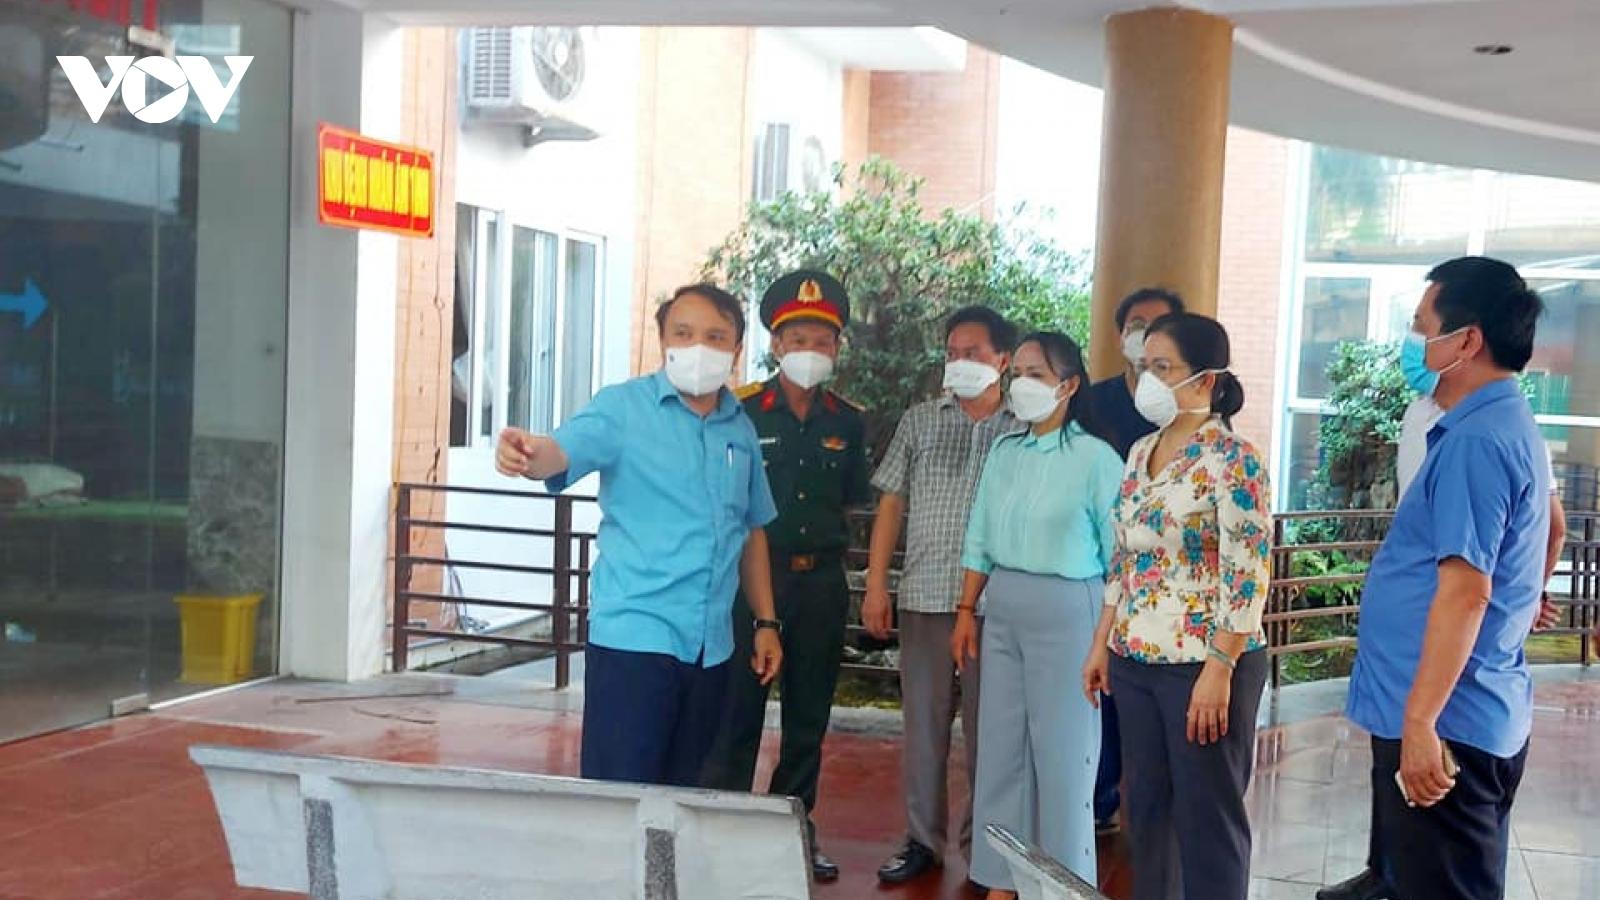 Nghệ An kích hoạt bệnh viện dã chiến số 4 với hơn 250 giường bệnh